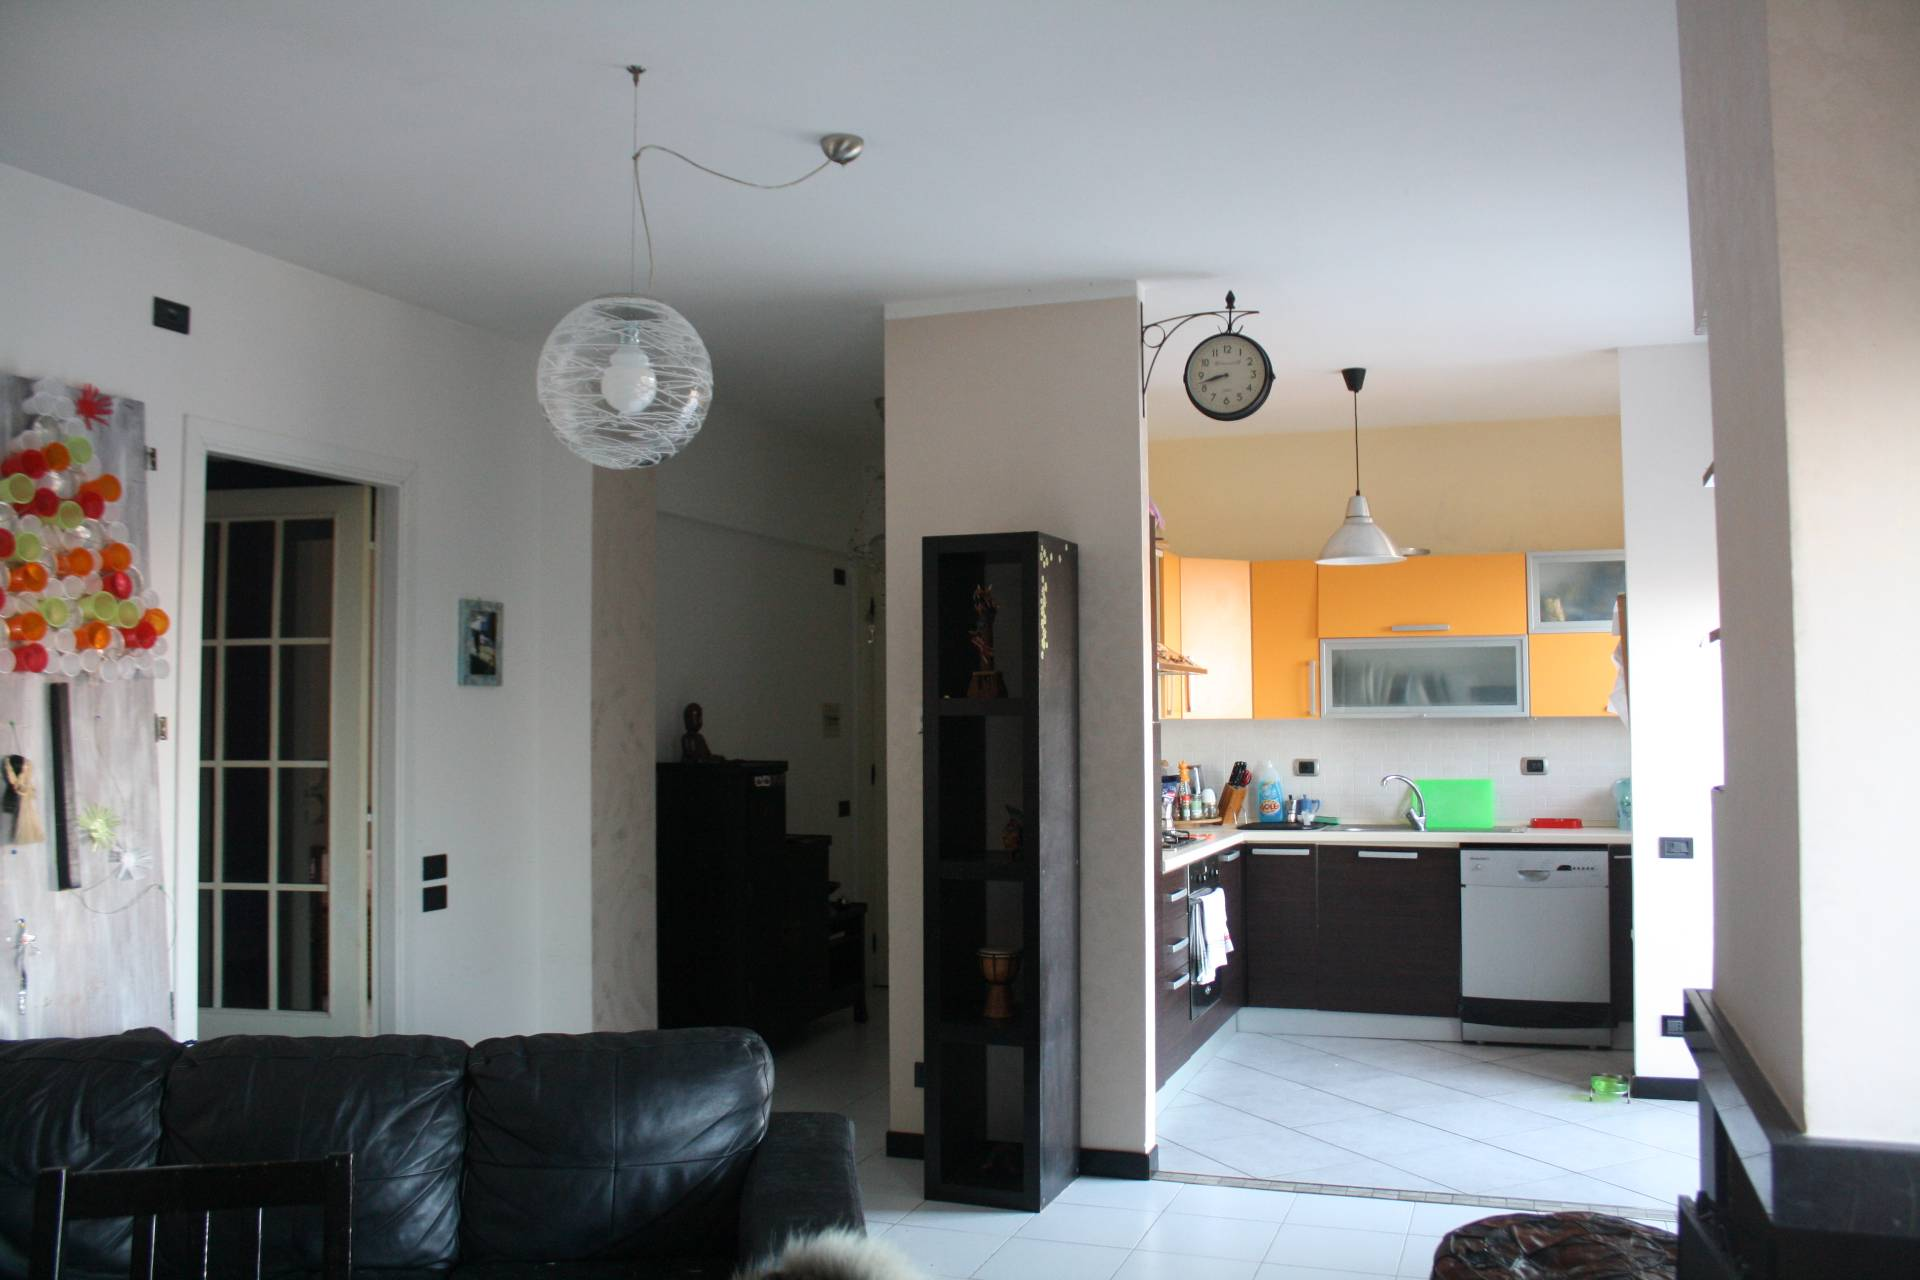 Appartamento in vendita a Agugliano, 5 locali, zona Località: Agugliano, prezzo € 120.000 | Cambio Casa.it